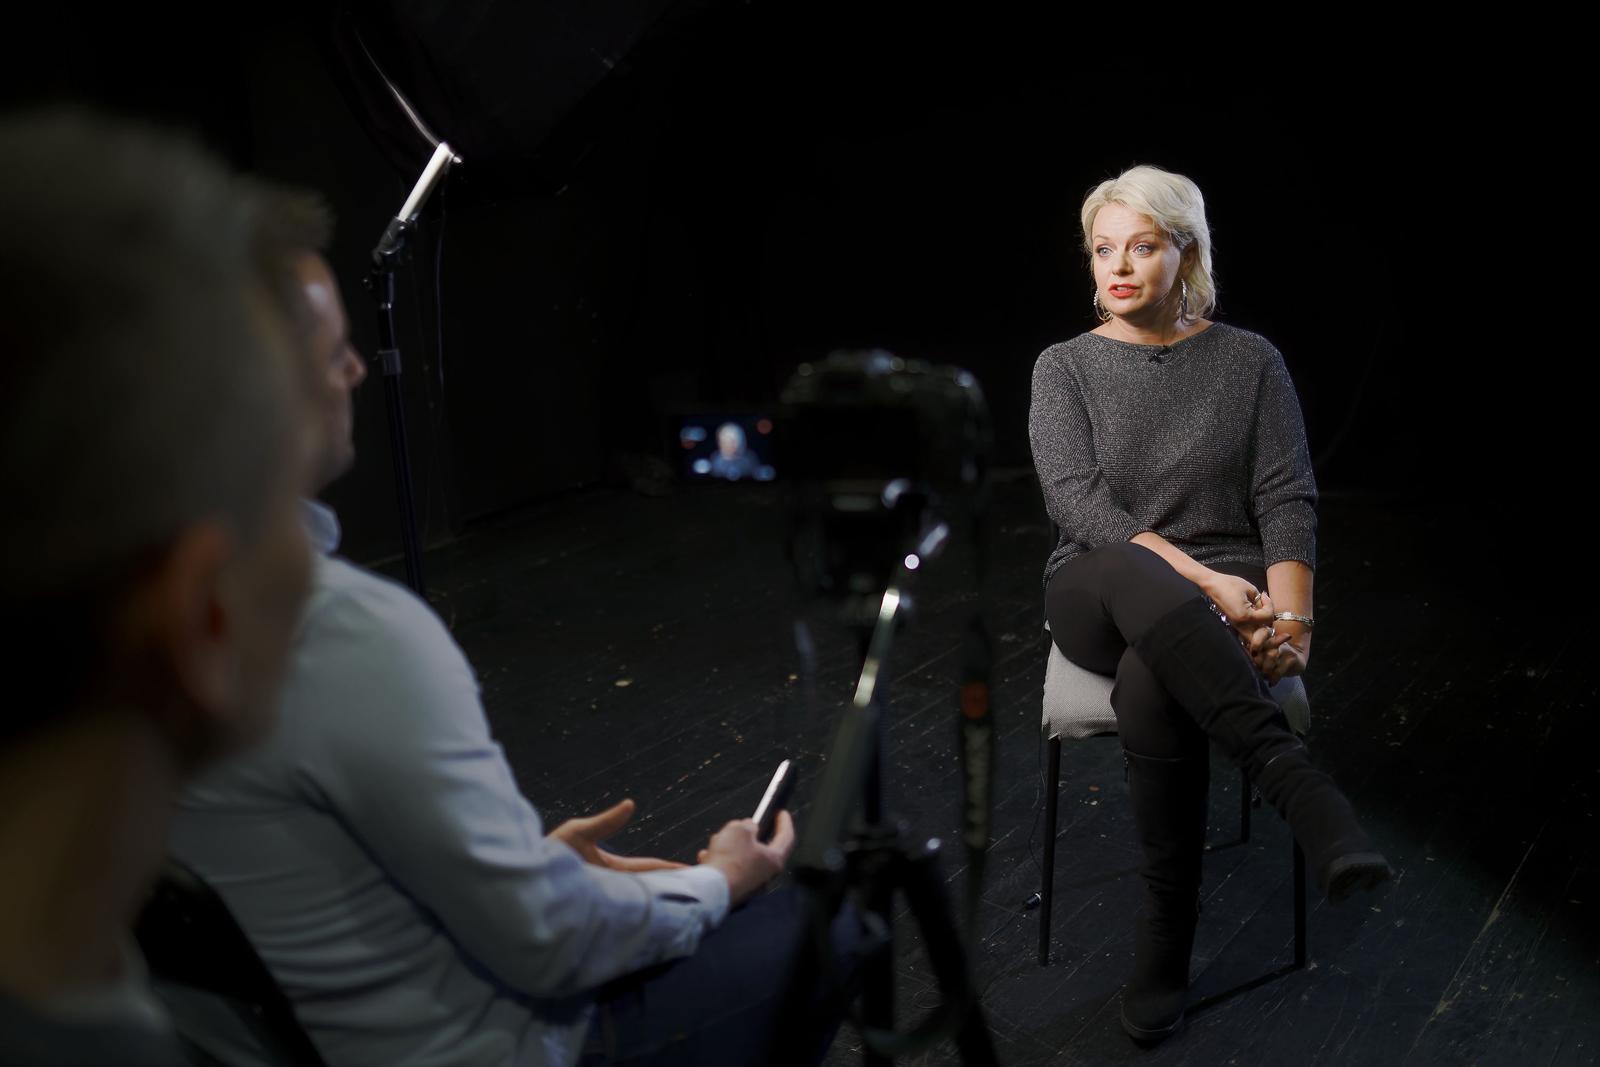 irma vitovska daye intervyu Ukrainskiy pravdi